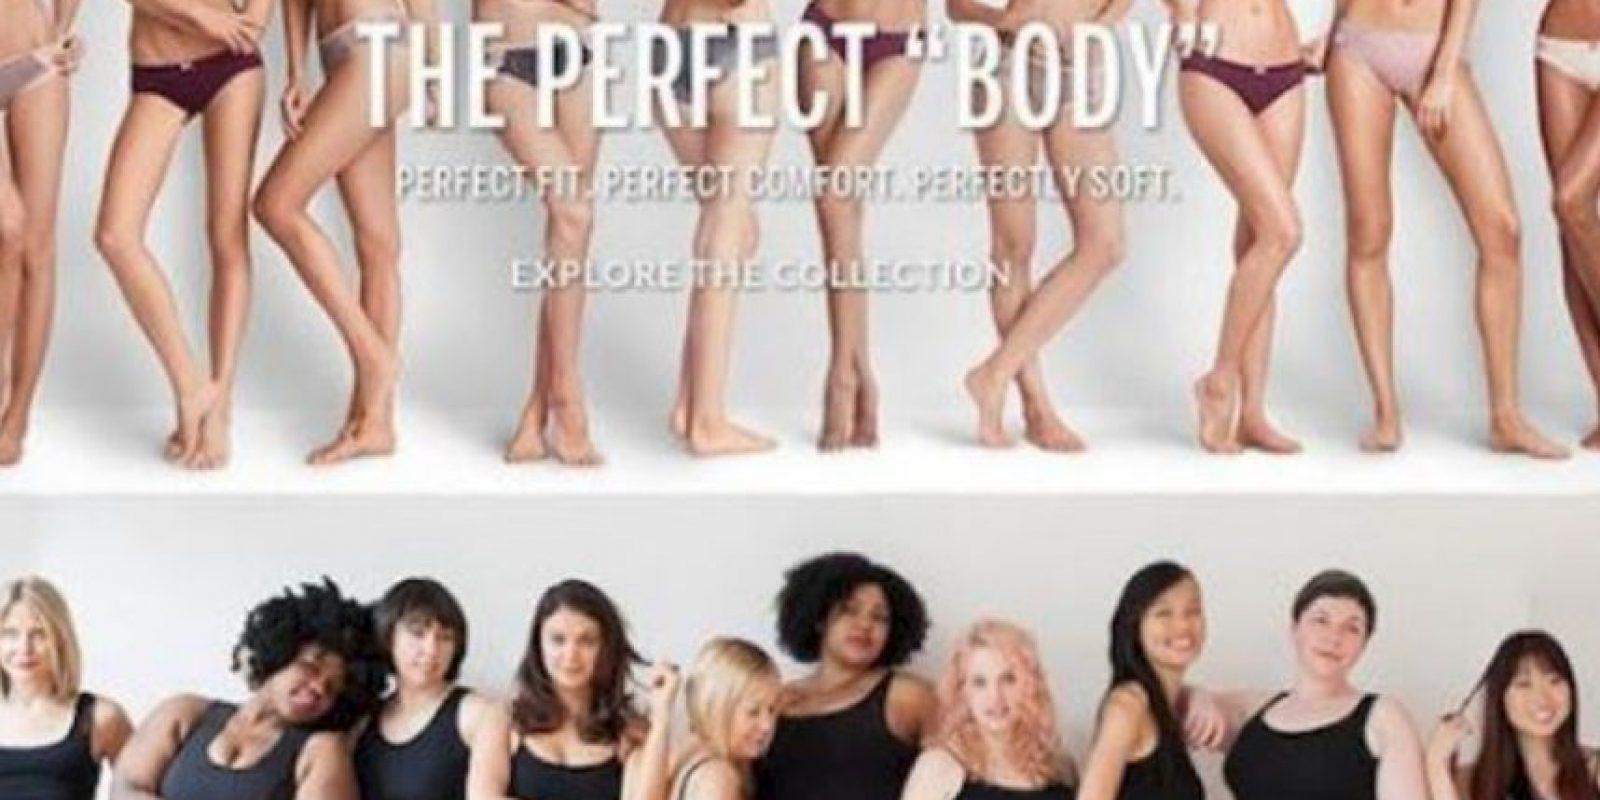 Mujeres de todas las tallas podían participar. Foto:vía Twitter/Perfect Body